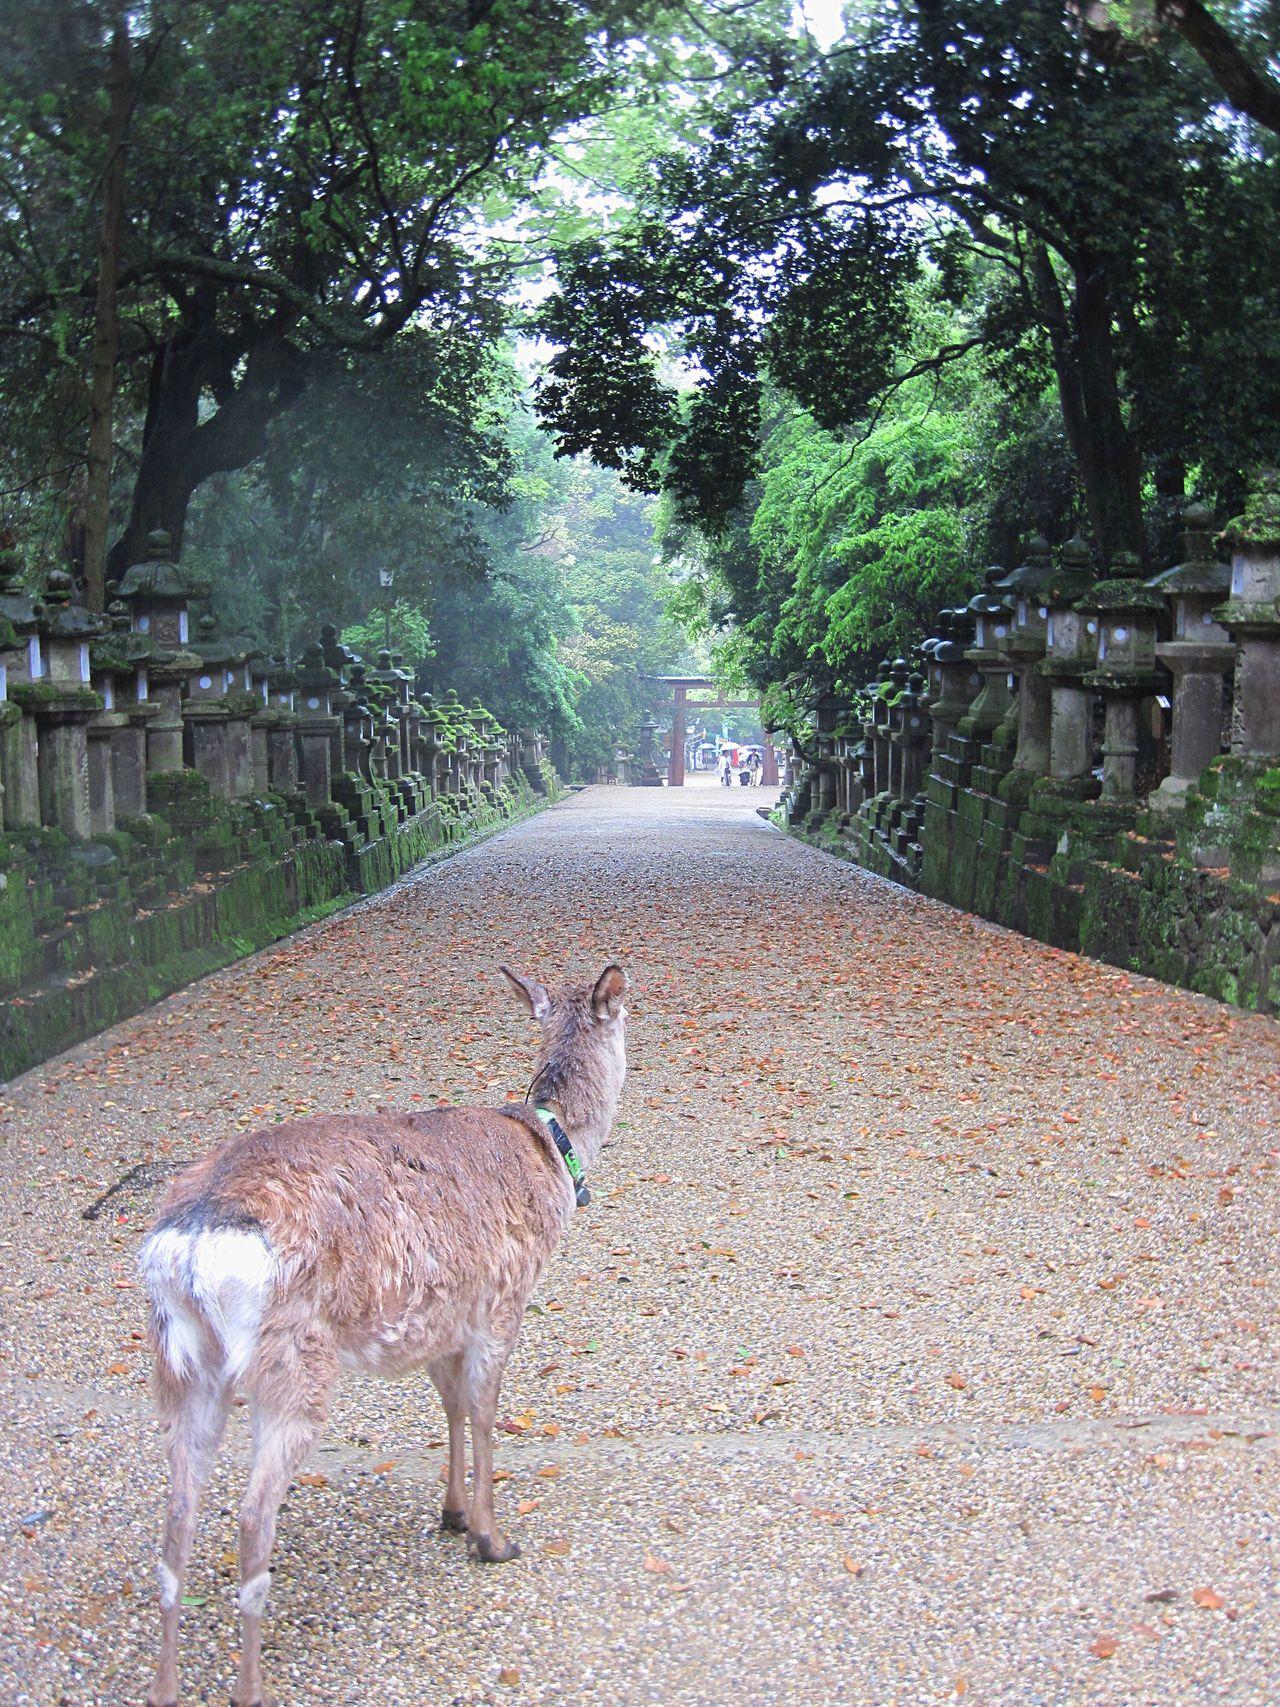 Deer view Deer Animal Themes Deers Deersighting Nature Walking Walking Path The Way Forward Gravel Road Gravel Path Gravel Nara Nara,Japan Nara Nara Park Shrine Holy Place